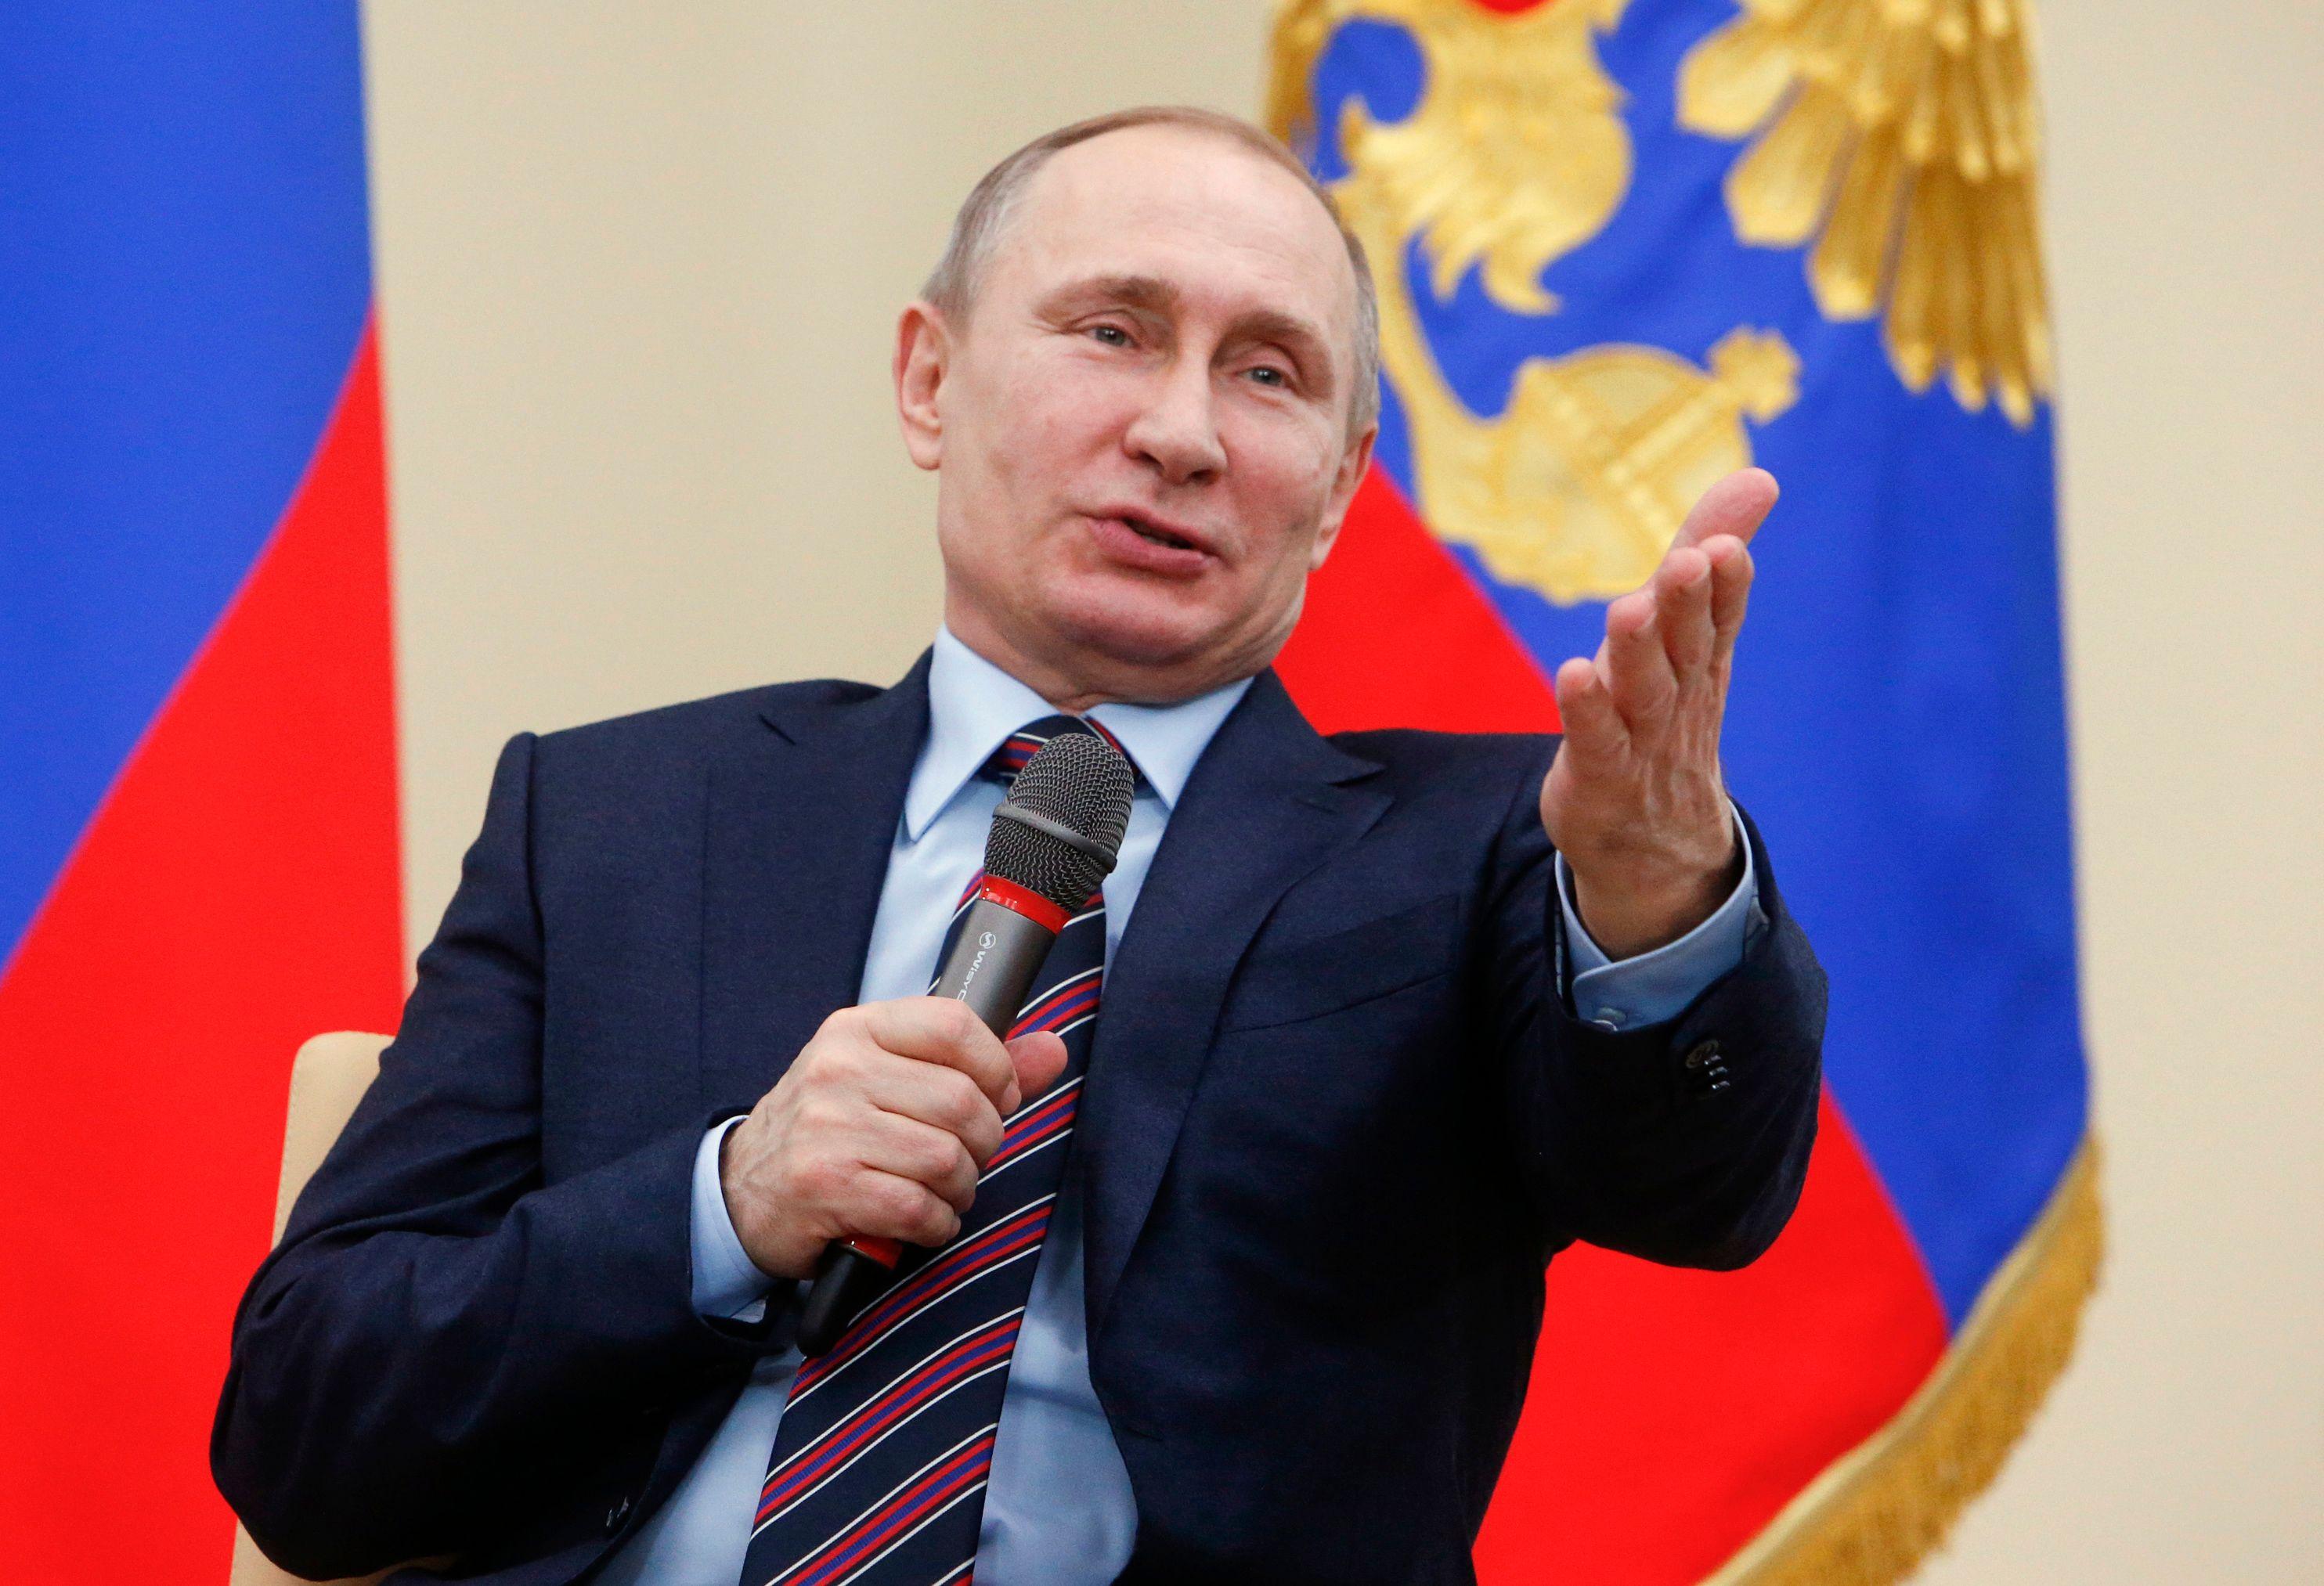 Sauvetage de Palmyre et des minorités religieuses en Syrie malgré l'incohérente diplomatie française : merci qui? Merci Poutine !